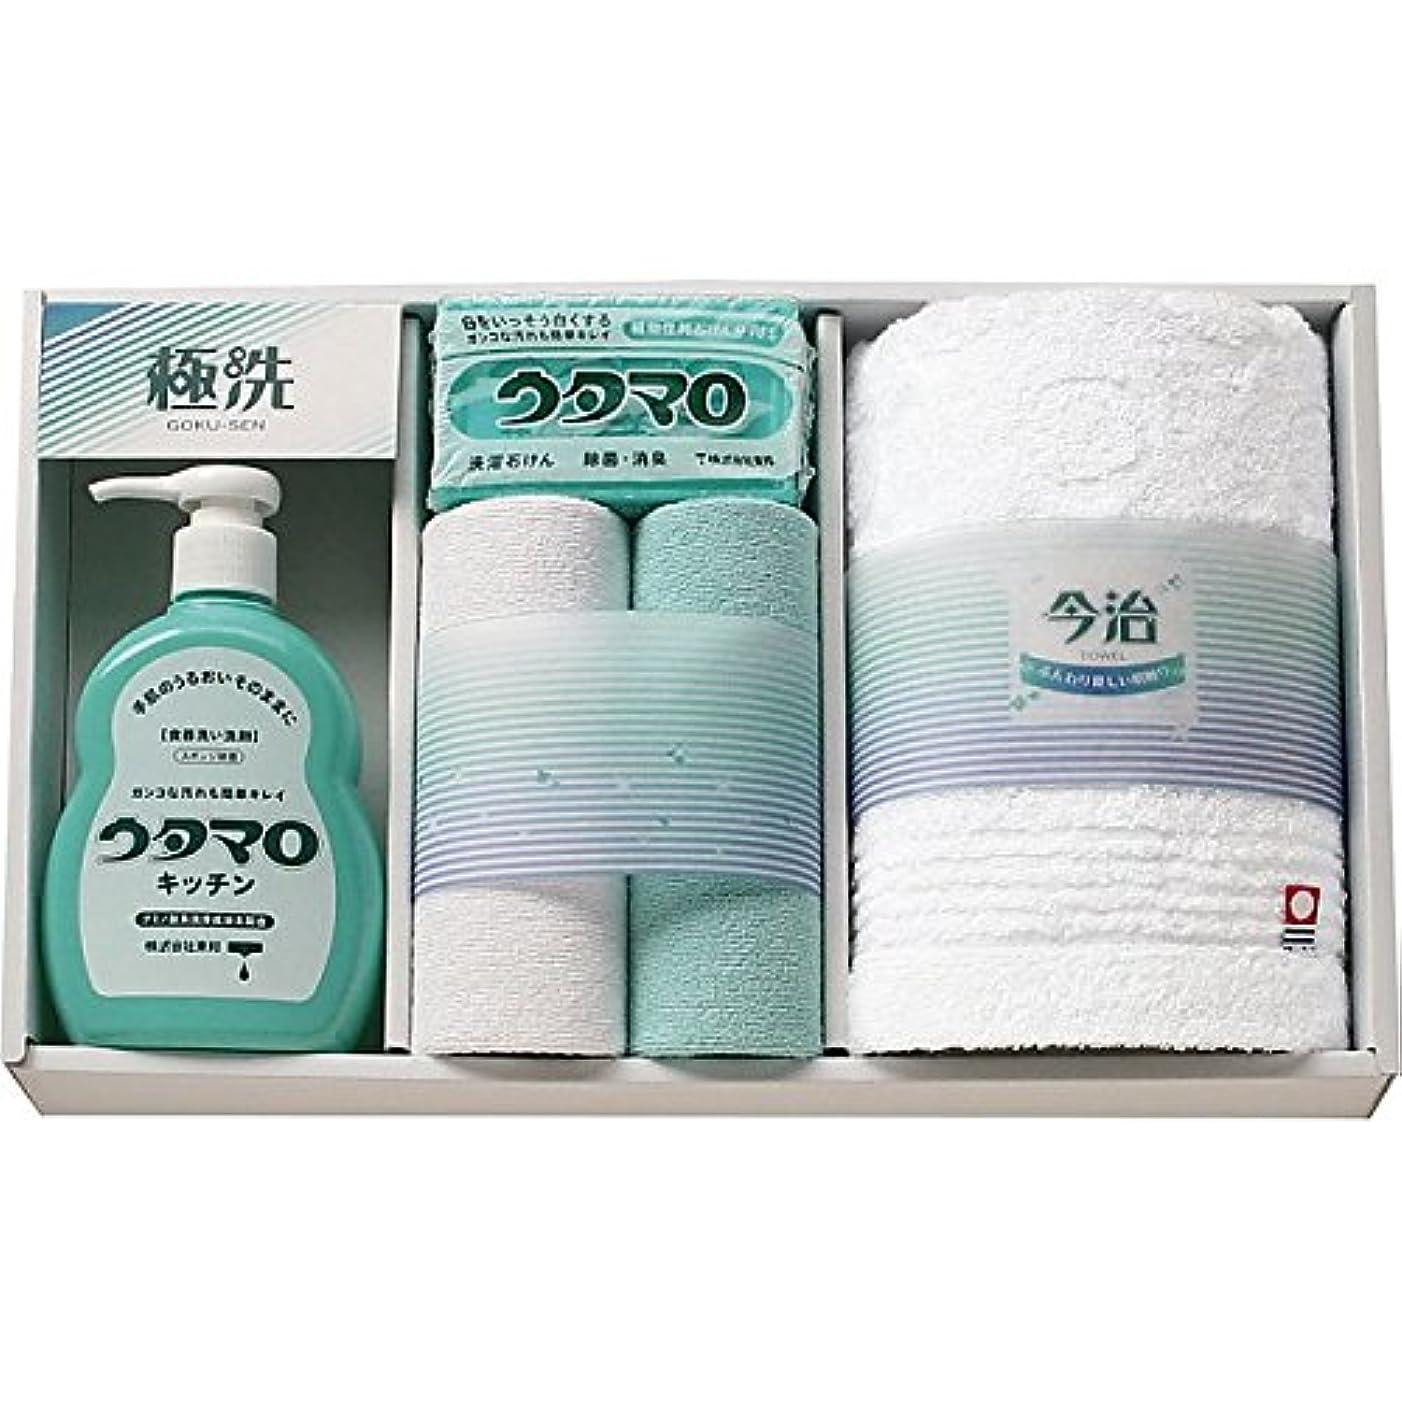 雇う葉を拾うアンティーク( ウタマロ ) 石鹸?キッチン洗剤ギフト ( 835-1055r )